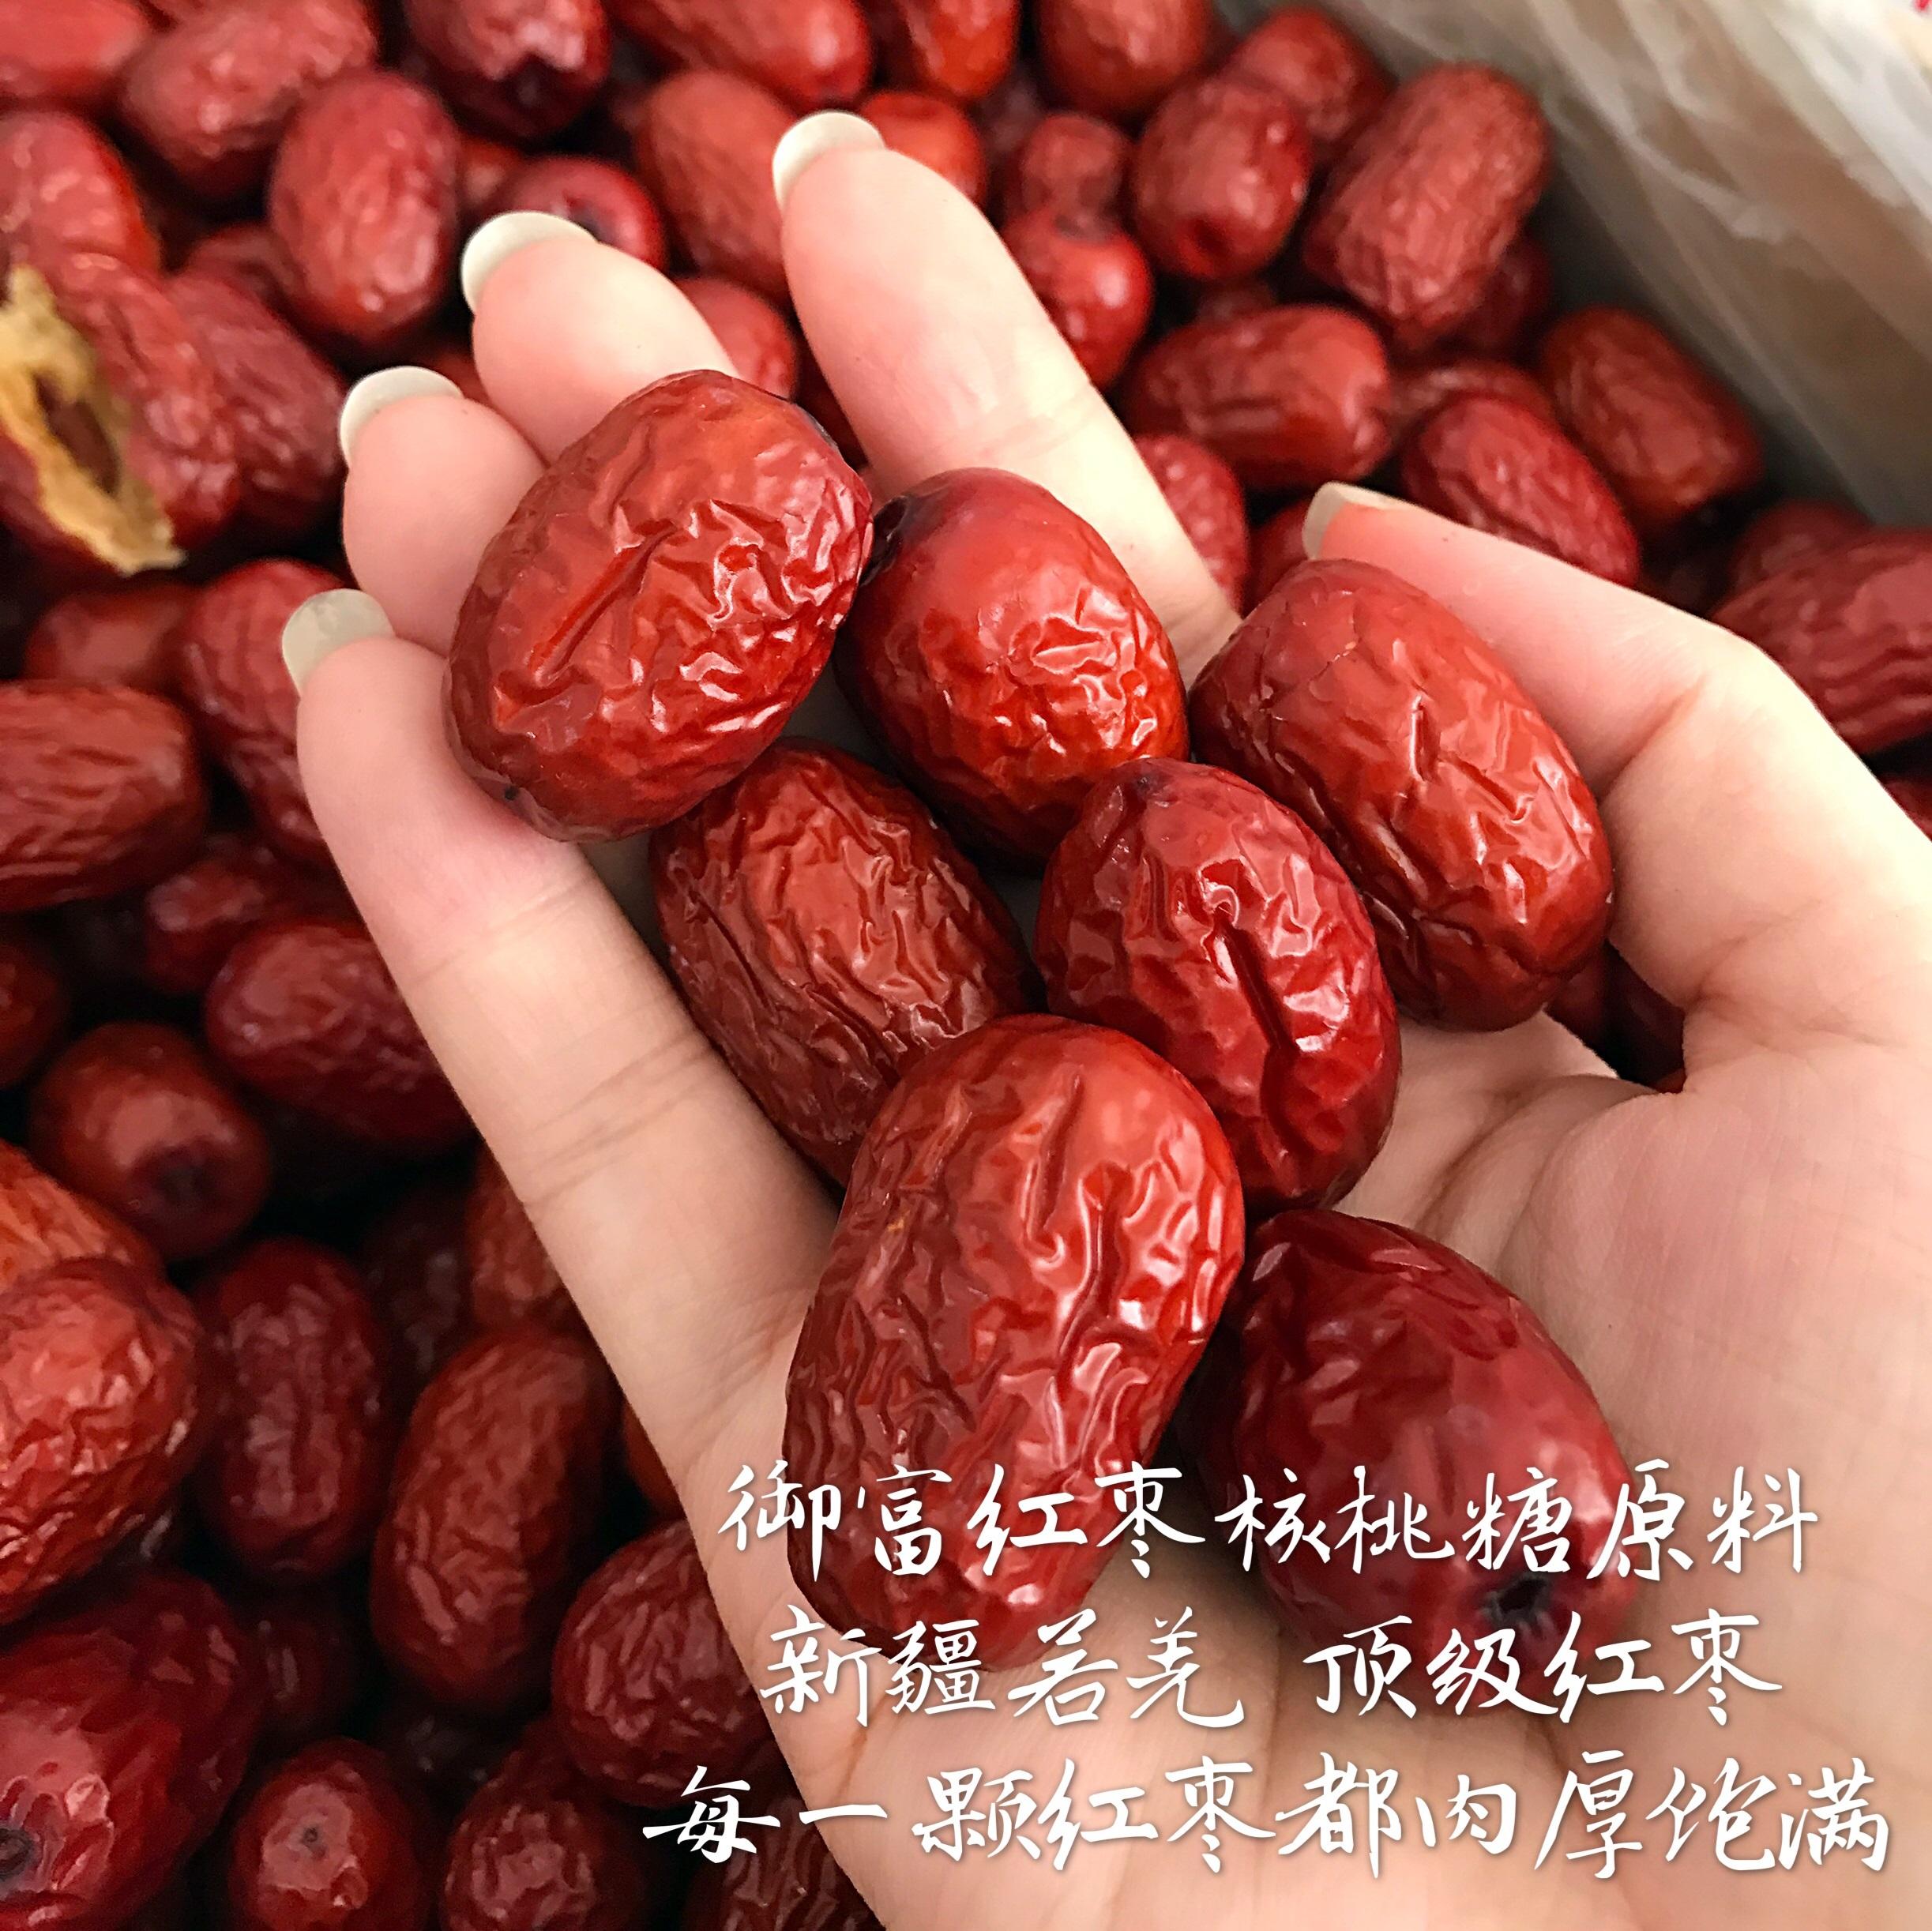 【现货套餐】(御富)红枣核桃软糖300g*5袋 配2购物袋 特产年货